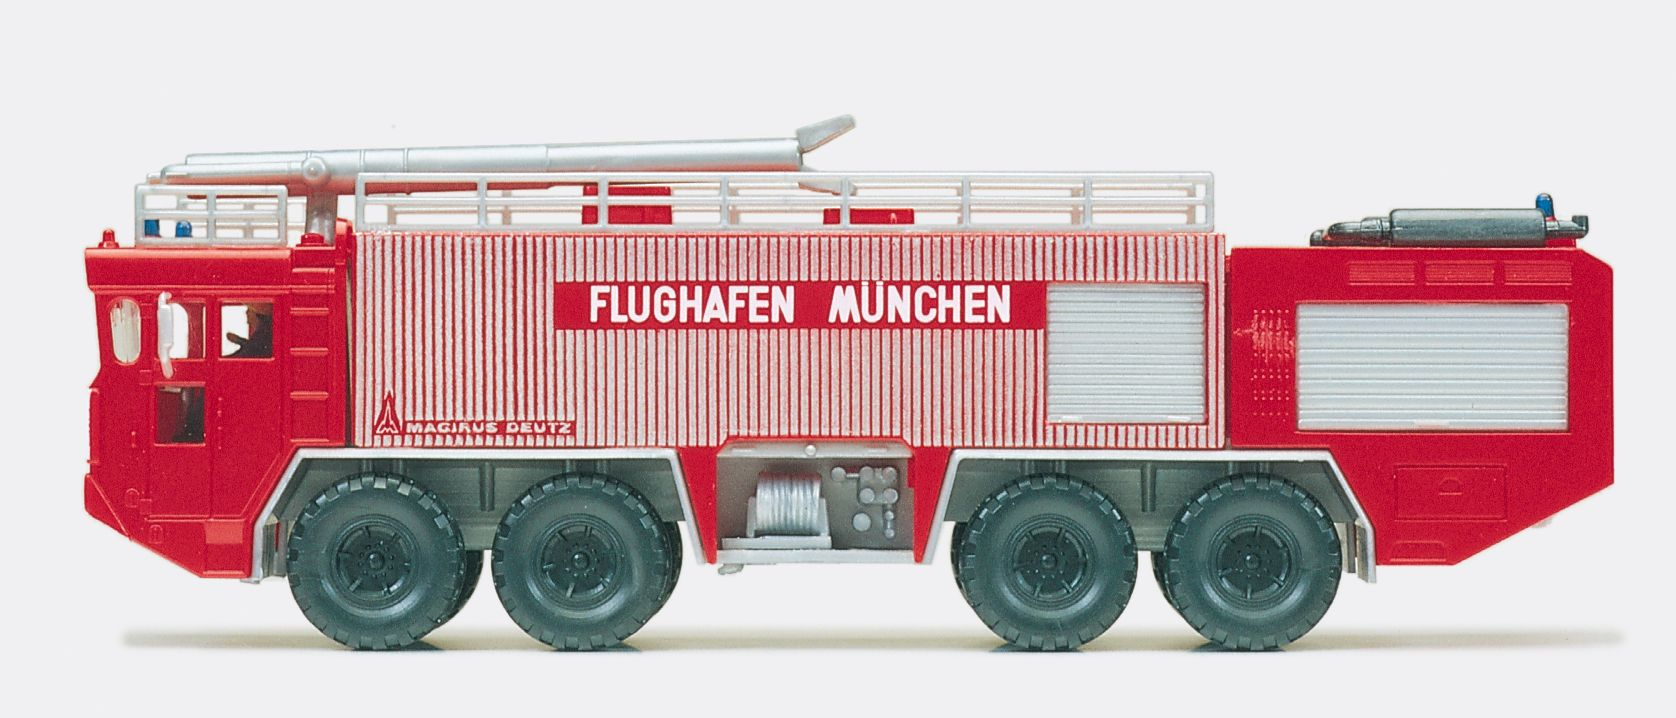 1:87 Feuerwehr Flugplatz-Löschfahrzeug FLF 80-200, Faun, Aufbau Mag.- Deutz, Flughafen München, Fertigmodell - Preiser 35008    günstig bestellen bei Modelleisenbahn Center  MCS Vertriebs GmbH